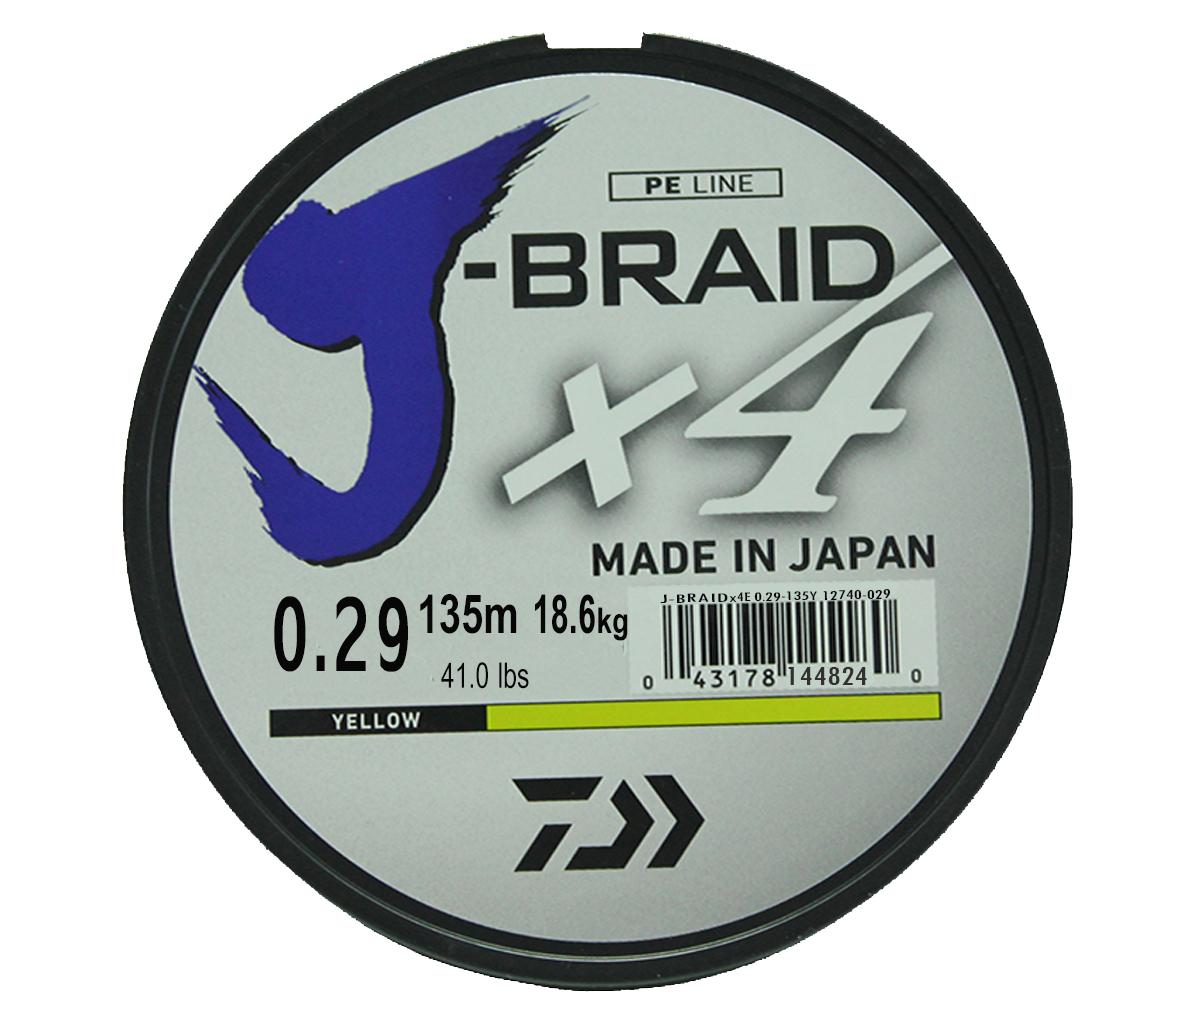 Шнур плетеный Daiwa J-Braid X4, цвет: флуоресцентный желтый, 135 м, 0,29 ммMABLSEH10001Новый 4х жильный шнур J-Braid, DAIWA - шнур высокого класса с удивительным соотношением цены и качества. Качество плетения полностьюсоответствует японским стандартам и удовлетворяет всем требованиям. Представленные диаметры позволяют использовать шнур для всех техникловли, начиная от ultra- light ловли окуня, до морской ловли палтуса, трески и т.д